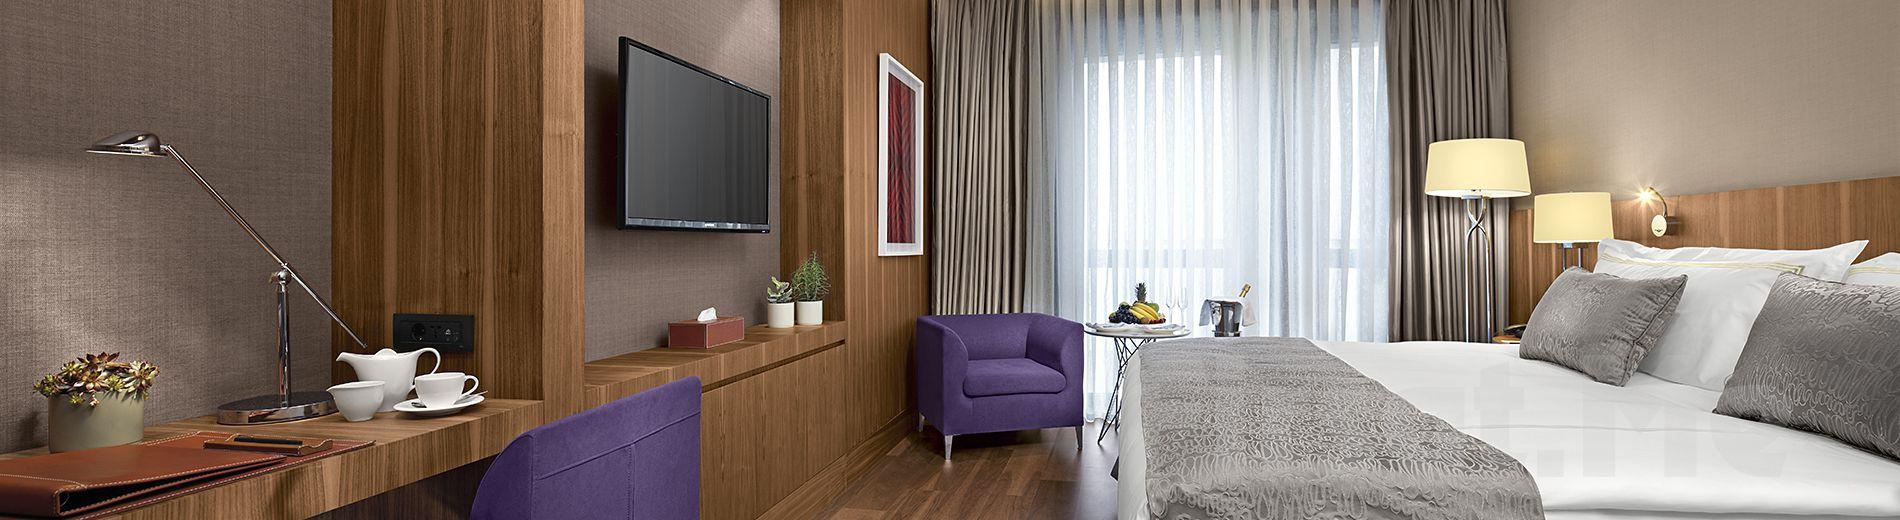 Güneşli Divan Suites İstanbul GPlus Otel'de 2 Kişi 1 Gece Konaklama + Kapalı Havuz + Sauna + Türk Hamamı Kullanımı, Kahvaltı Seçeneği ile!